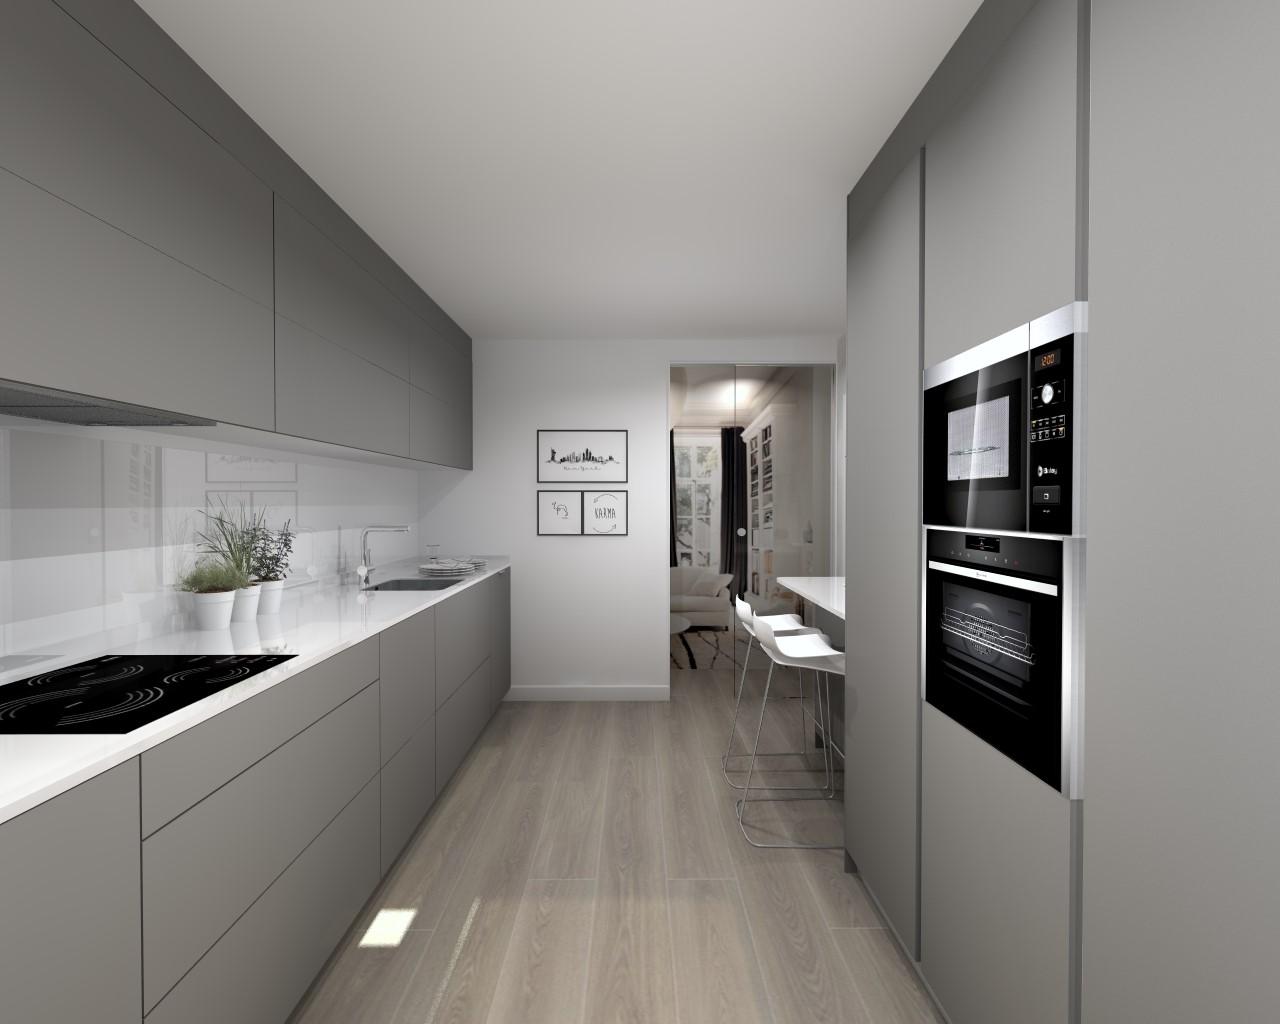 Una cocina nica y moderna docrys cocinas for Una cocina moderna